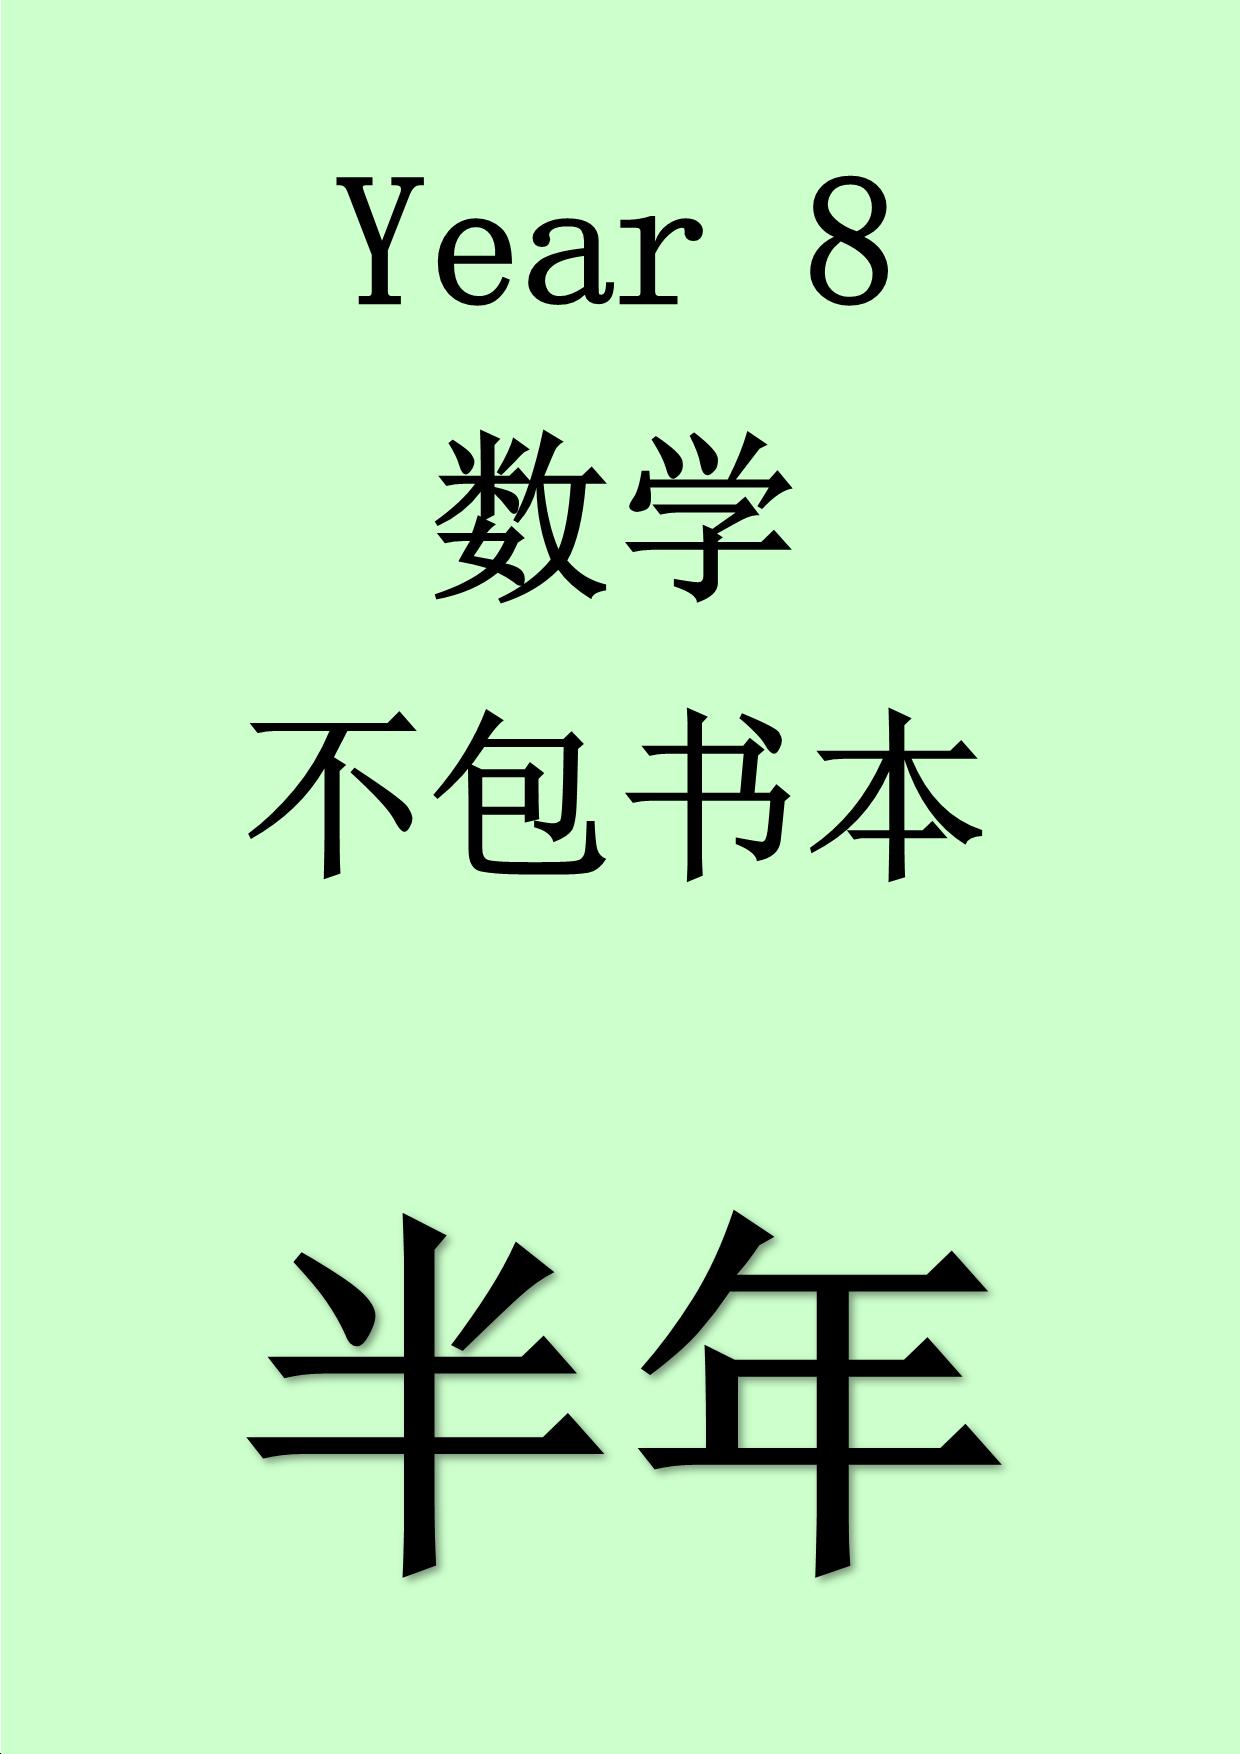 Year 8 Math Half year